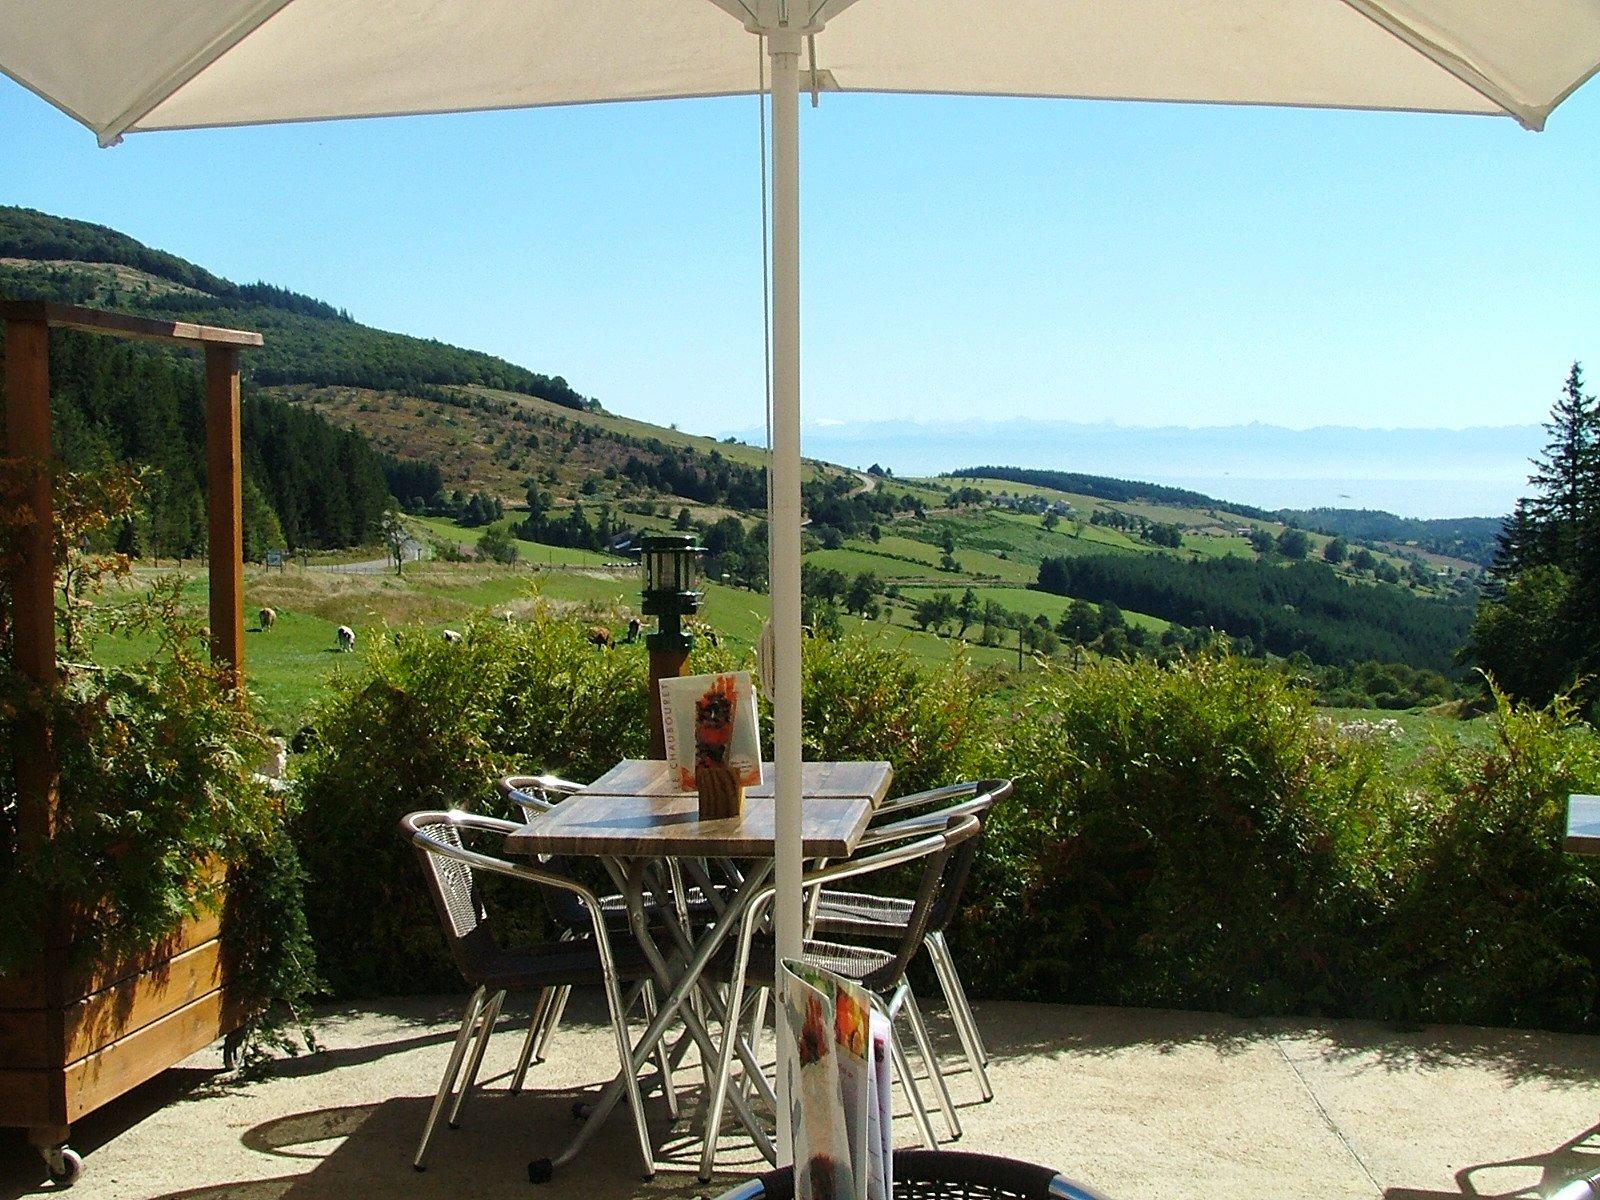 Achat-Vente-Maison-Rhône-Alpes-LOIRE-Thelis-La-Combe